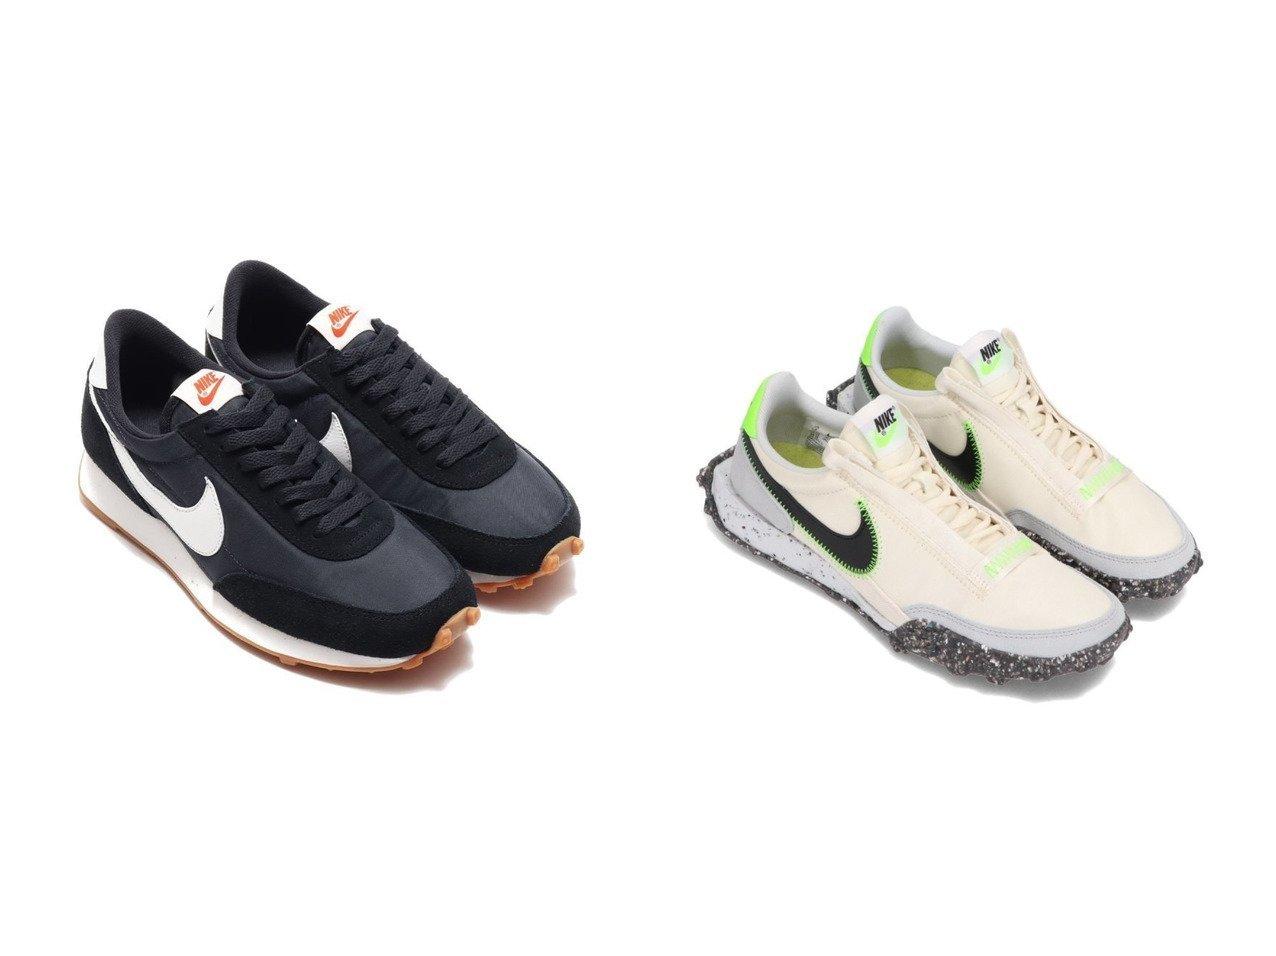 【NIKE/ナイキ】のNIKE W DAYBREAK&NIKE WAFFLE RACER CRATER 【シューズ・靴】おすすめ!人気、トレンド・レディースファッションの通販 おすすめで人気の流行・トレンド、ファッションの通販商品 メンズファッション・キッズファッション・インテリア・家具・レディースファッション・服の通販 founy(ファニー) https://founy.com/ ファッション Fashion レディースファッション WOMEN シューズ スニーカー スリッポン モダン ラバー ワッフル クラシック |ID:crp329100000027858